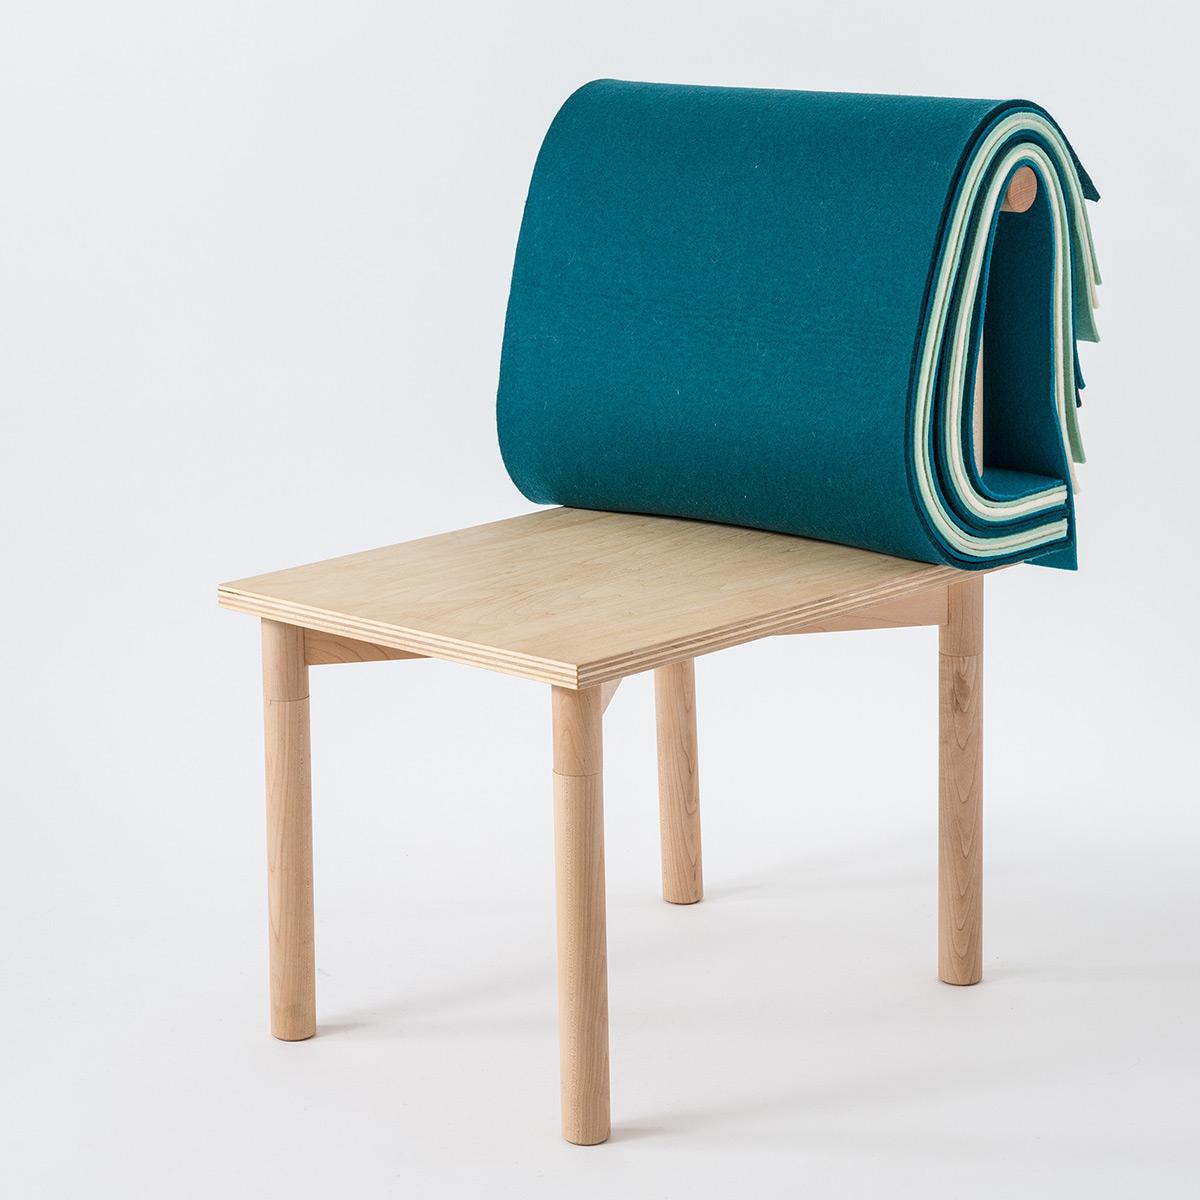 Pages-chair-Noriko-Hashida-06